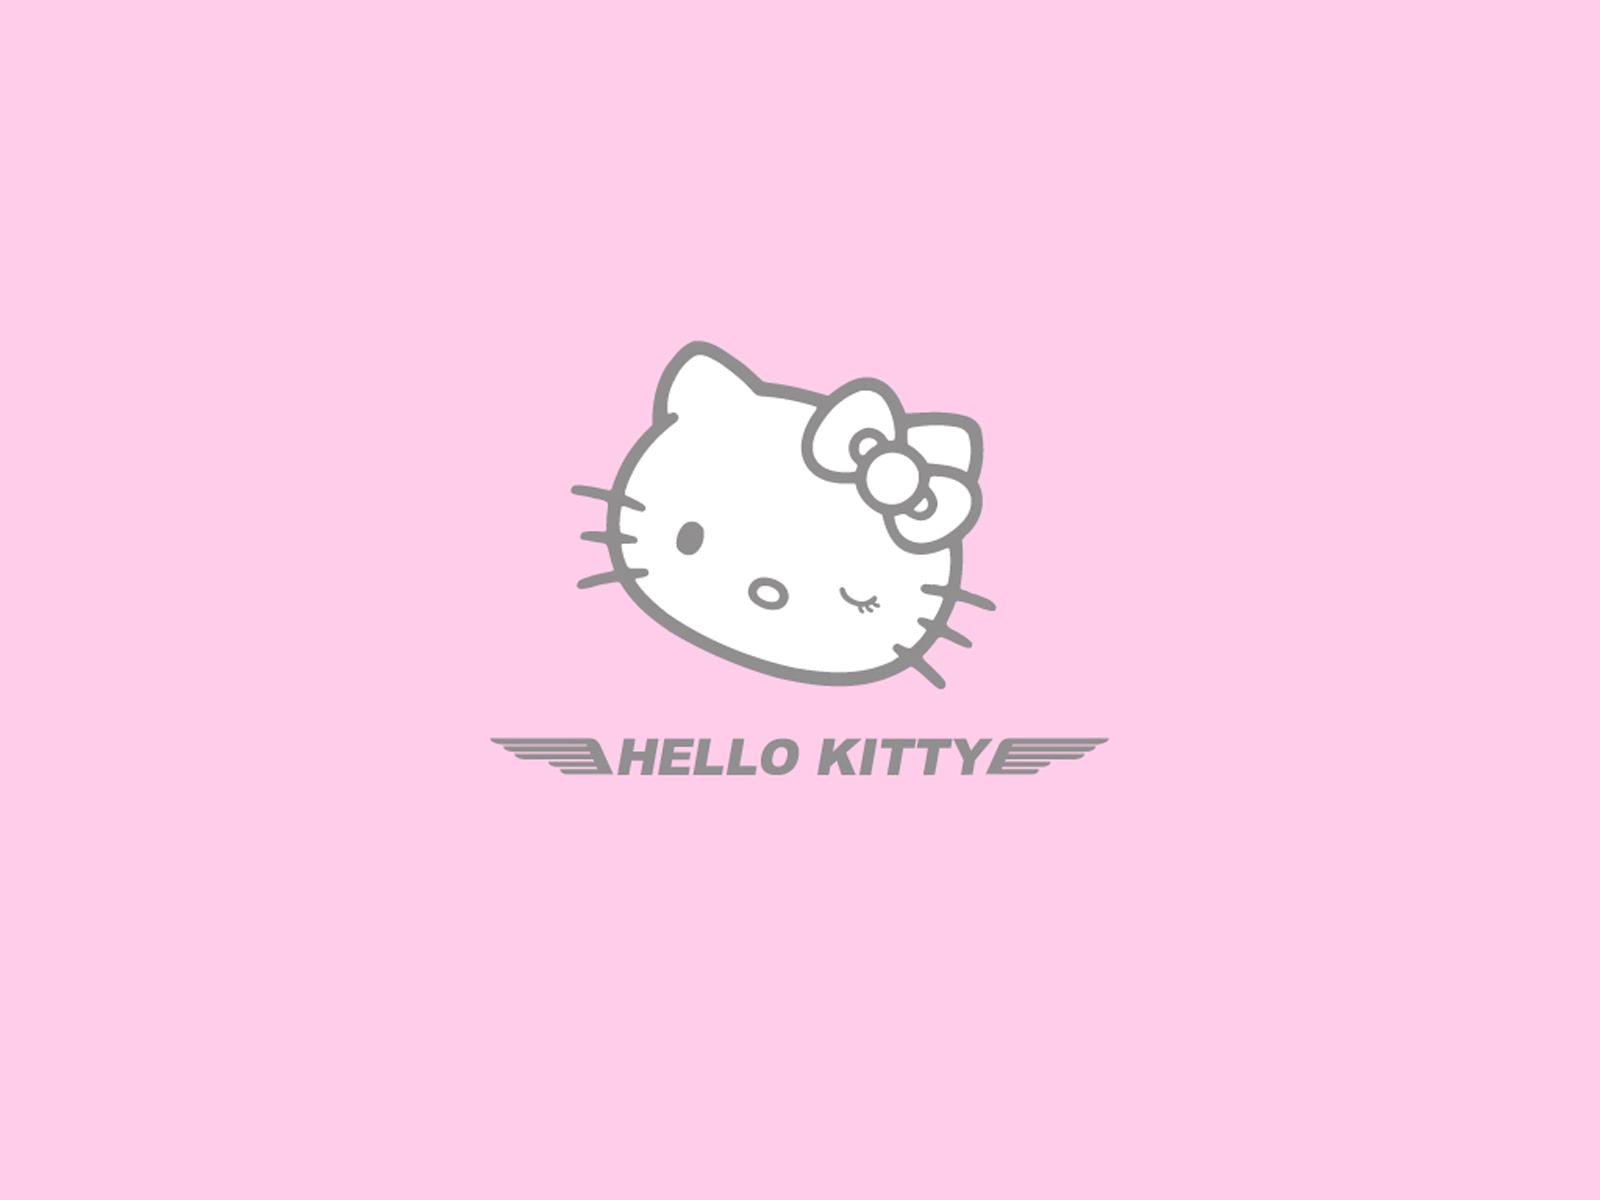 http://4.bp.blogspot.com/-H6vUcsS0D_M/Tf_mcKrwuTI/AAAAAAAAAPk/R37SOdkB-uo/s1600/hello_kitty_2.jpg